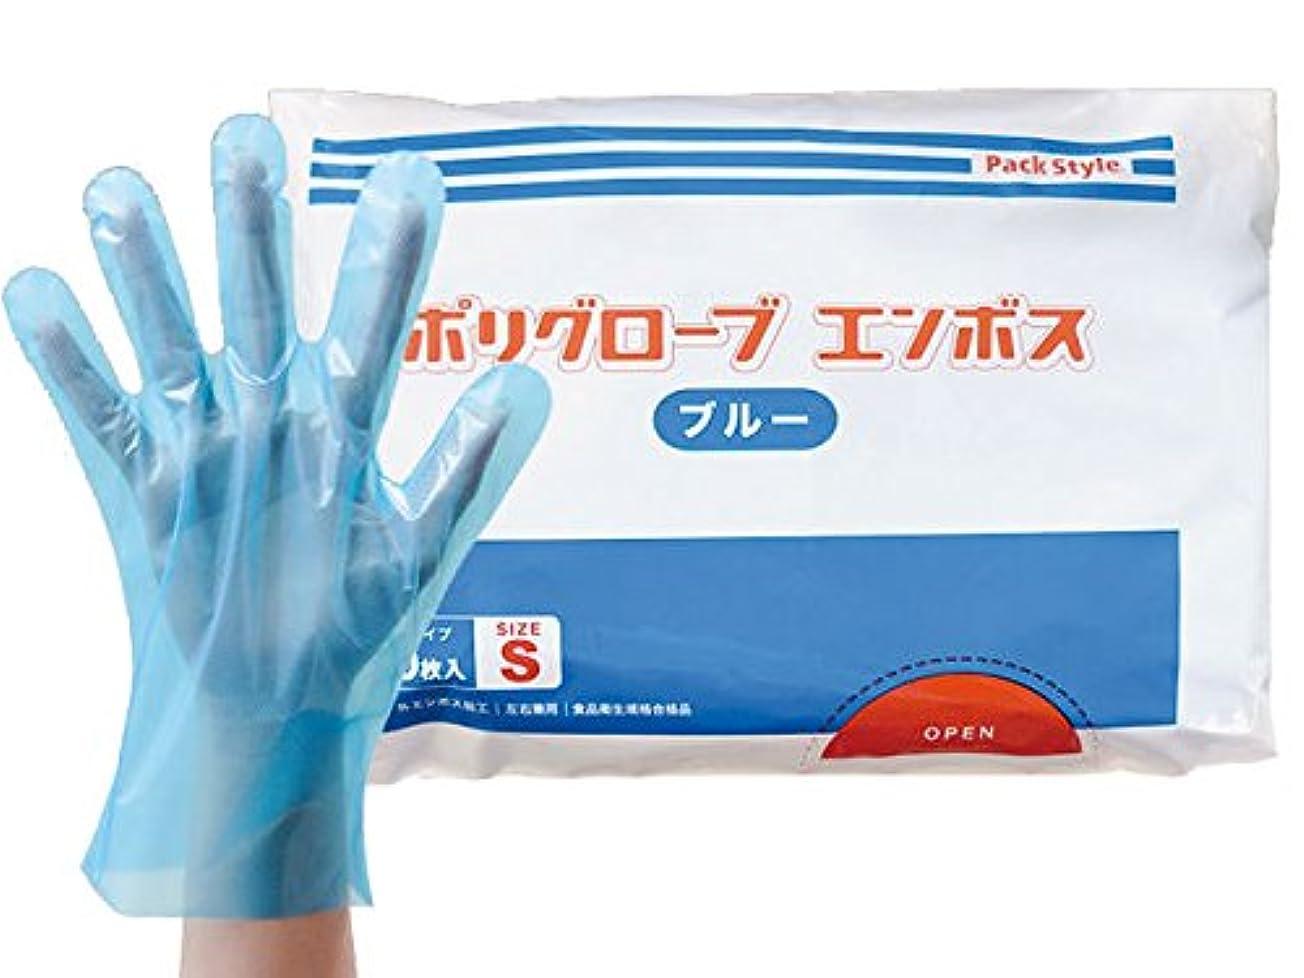 プロフィールラリーベルモント入場パックスタイル 使い捨て ポリ手袋 ブルー 袋入 L 6000枚 00437327